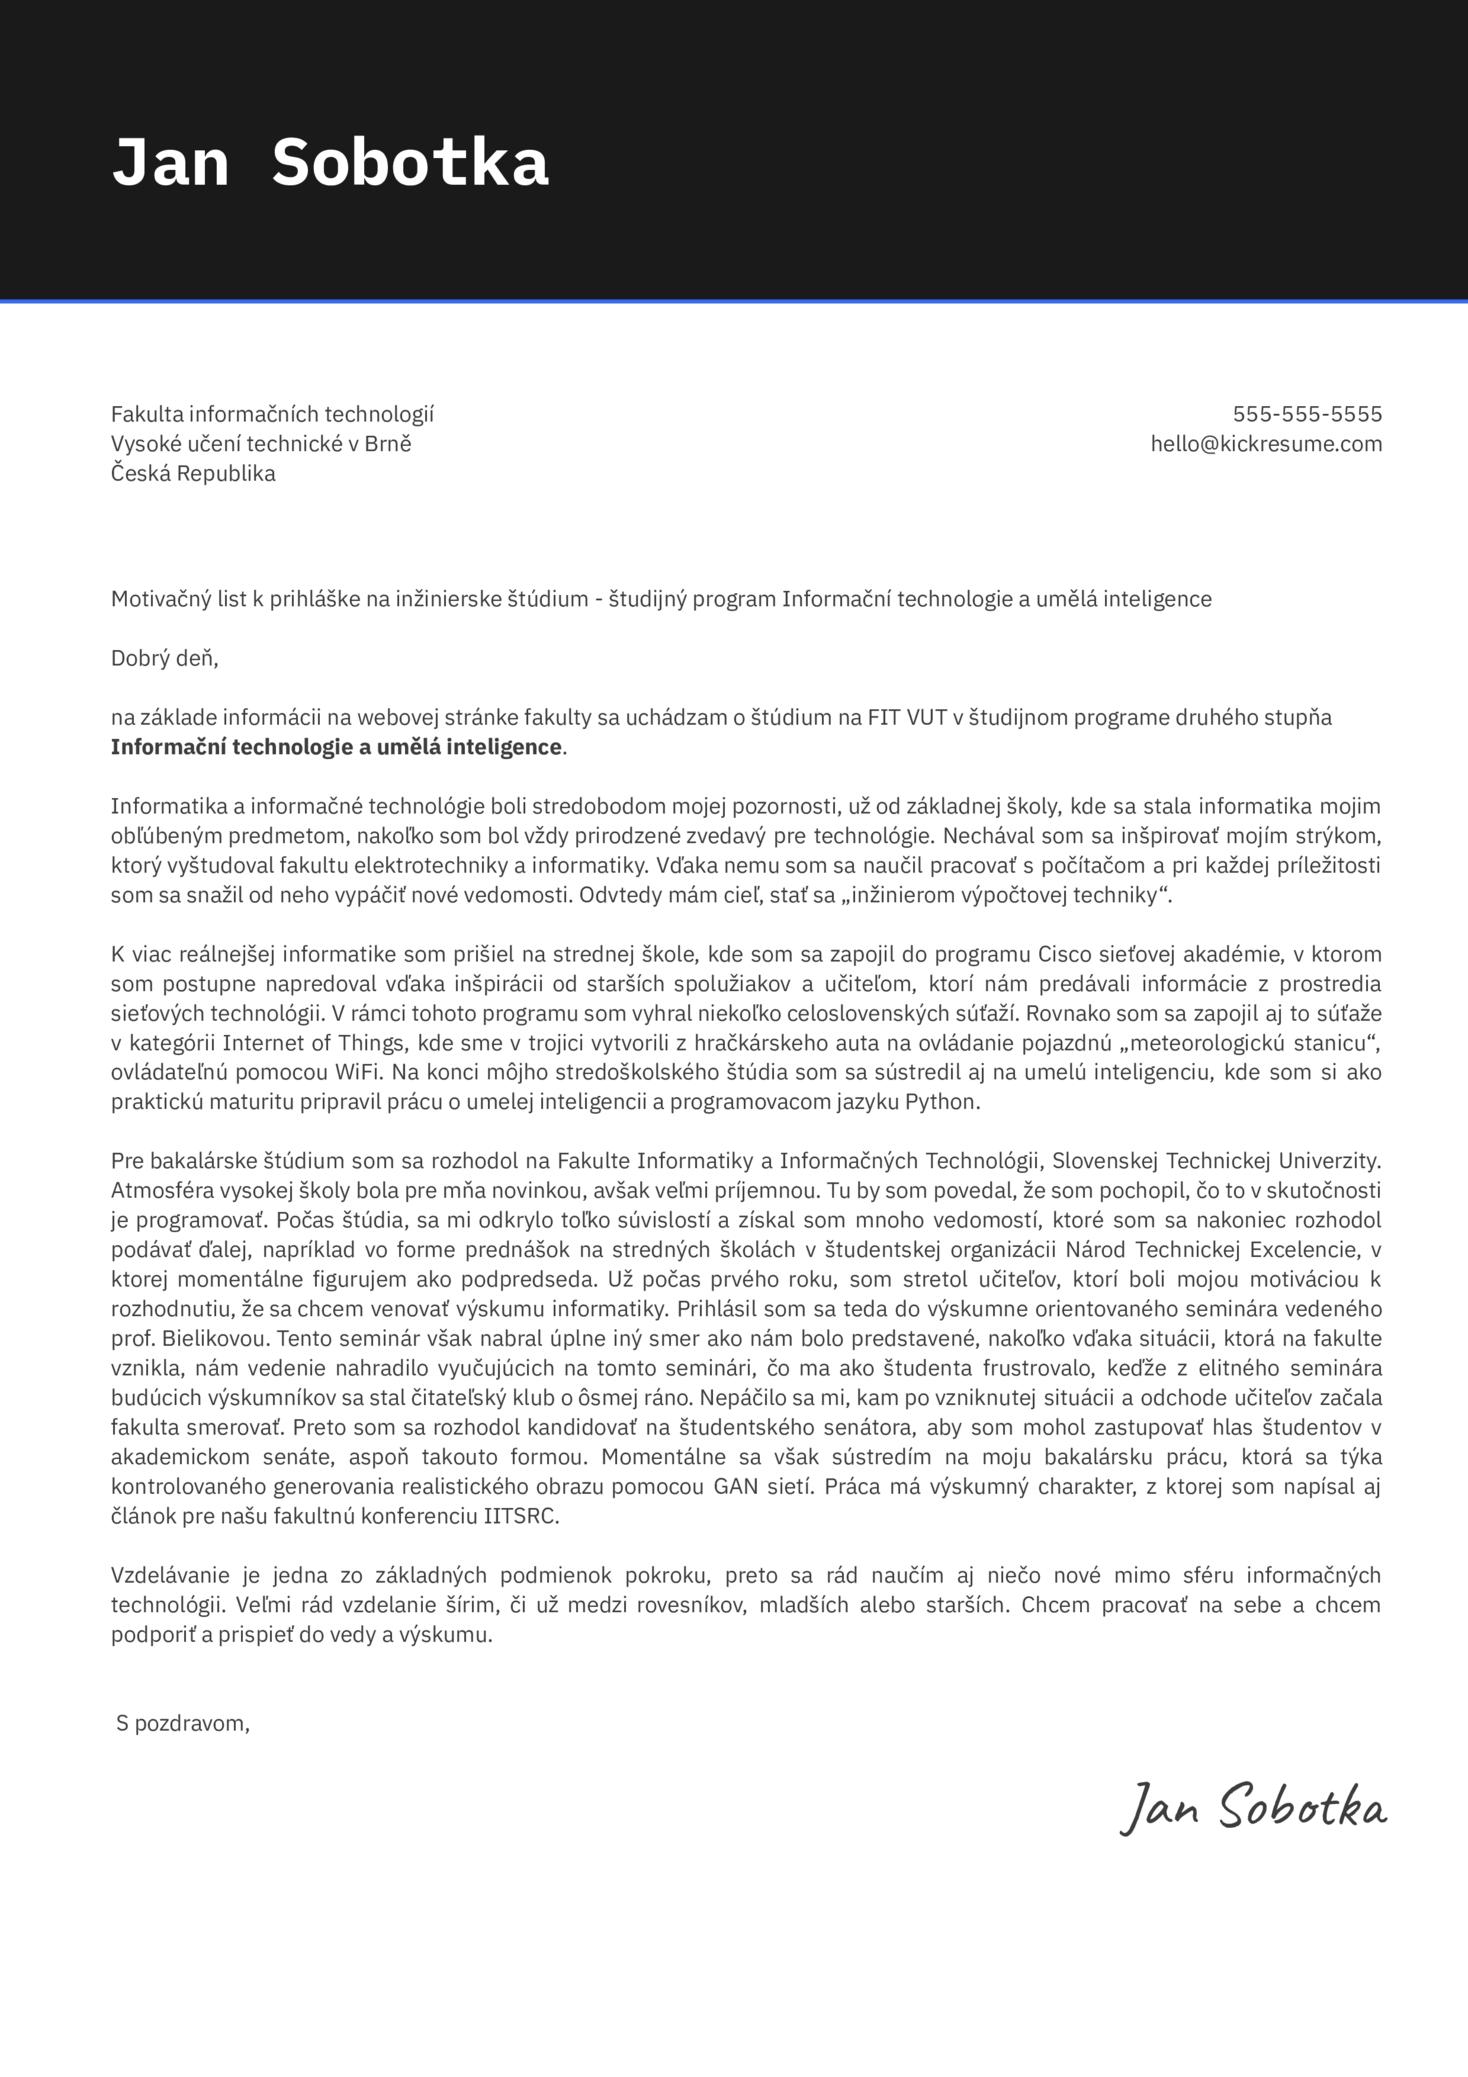 University Application Cover Letter Sample [SK]